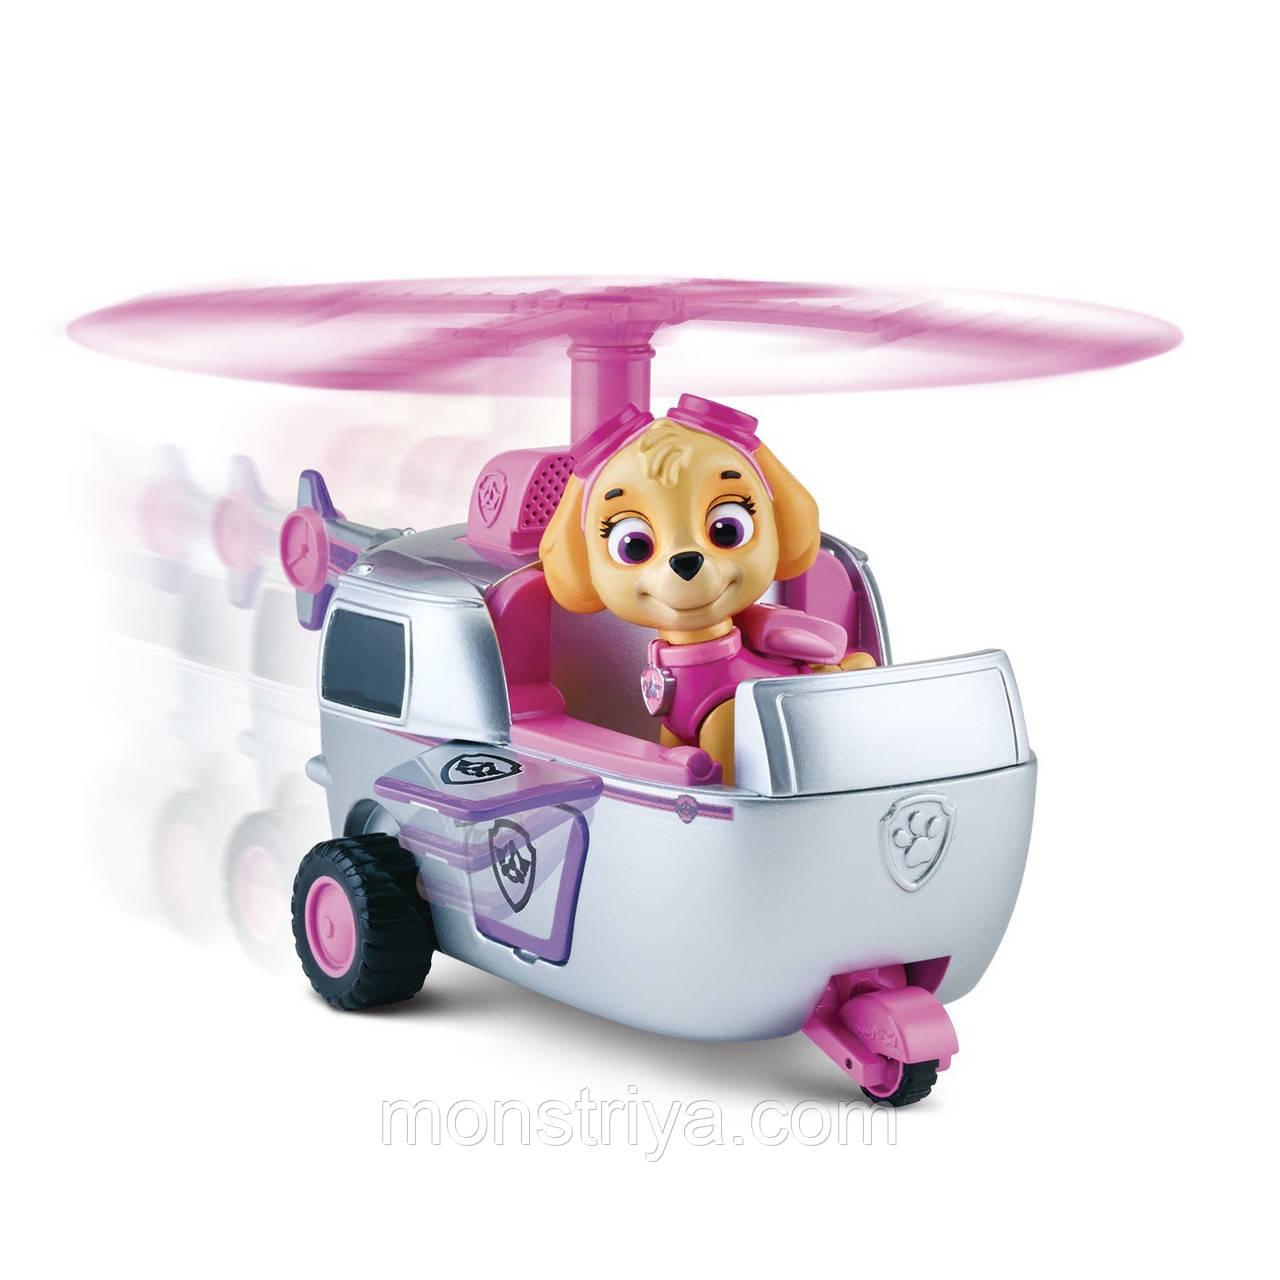 Игрушка щенячий патруль Воздушная собака Скай - фото 3